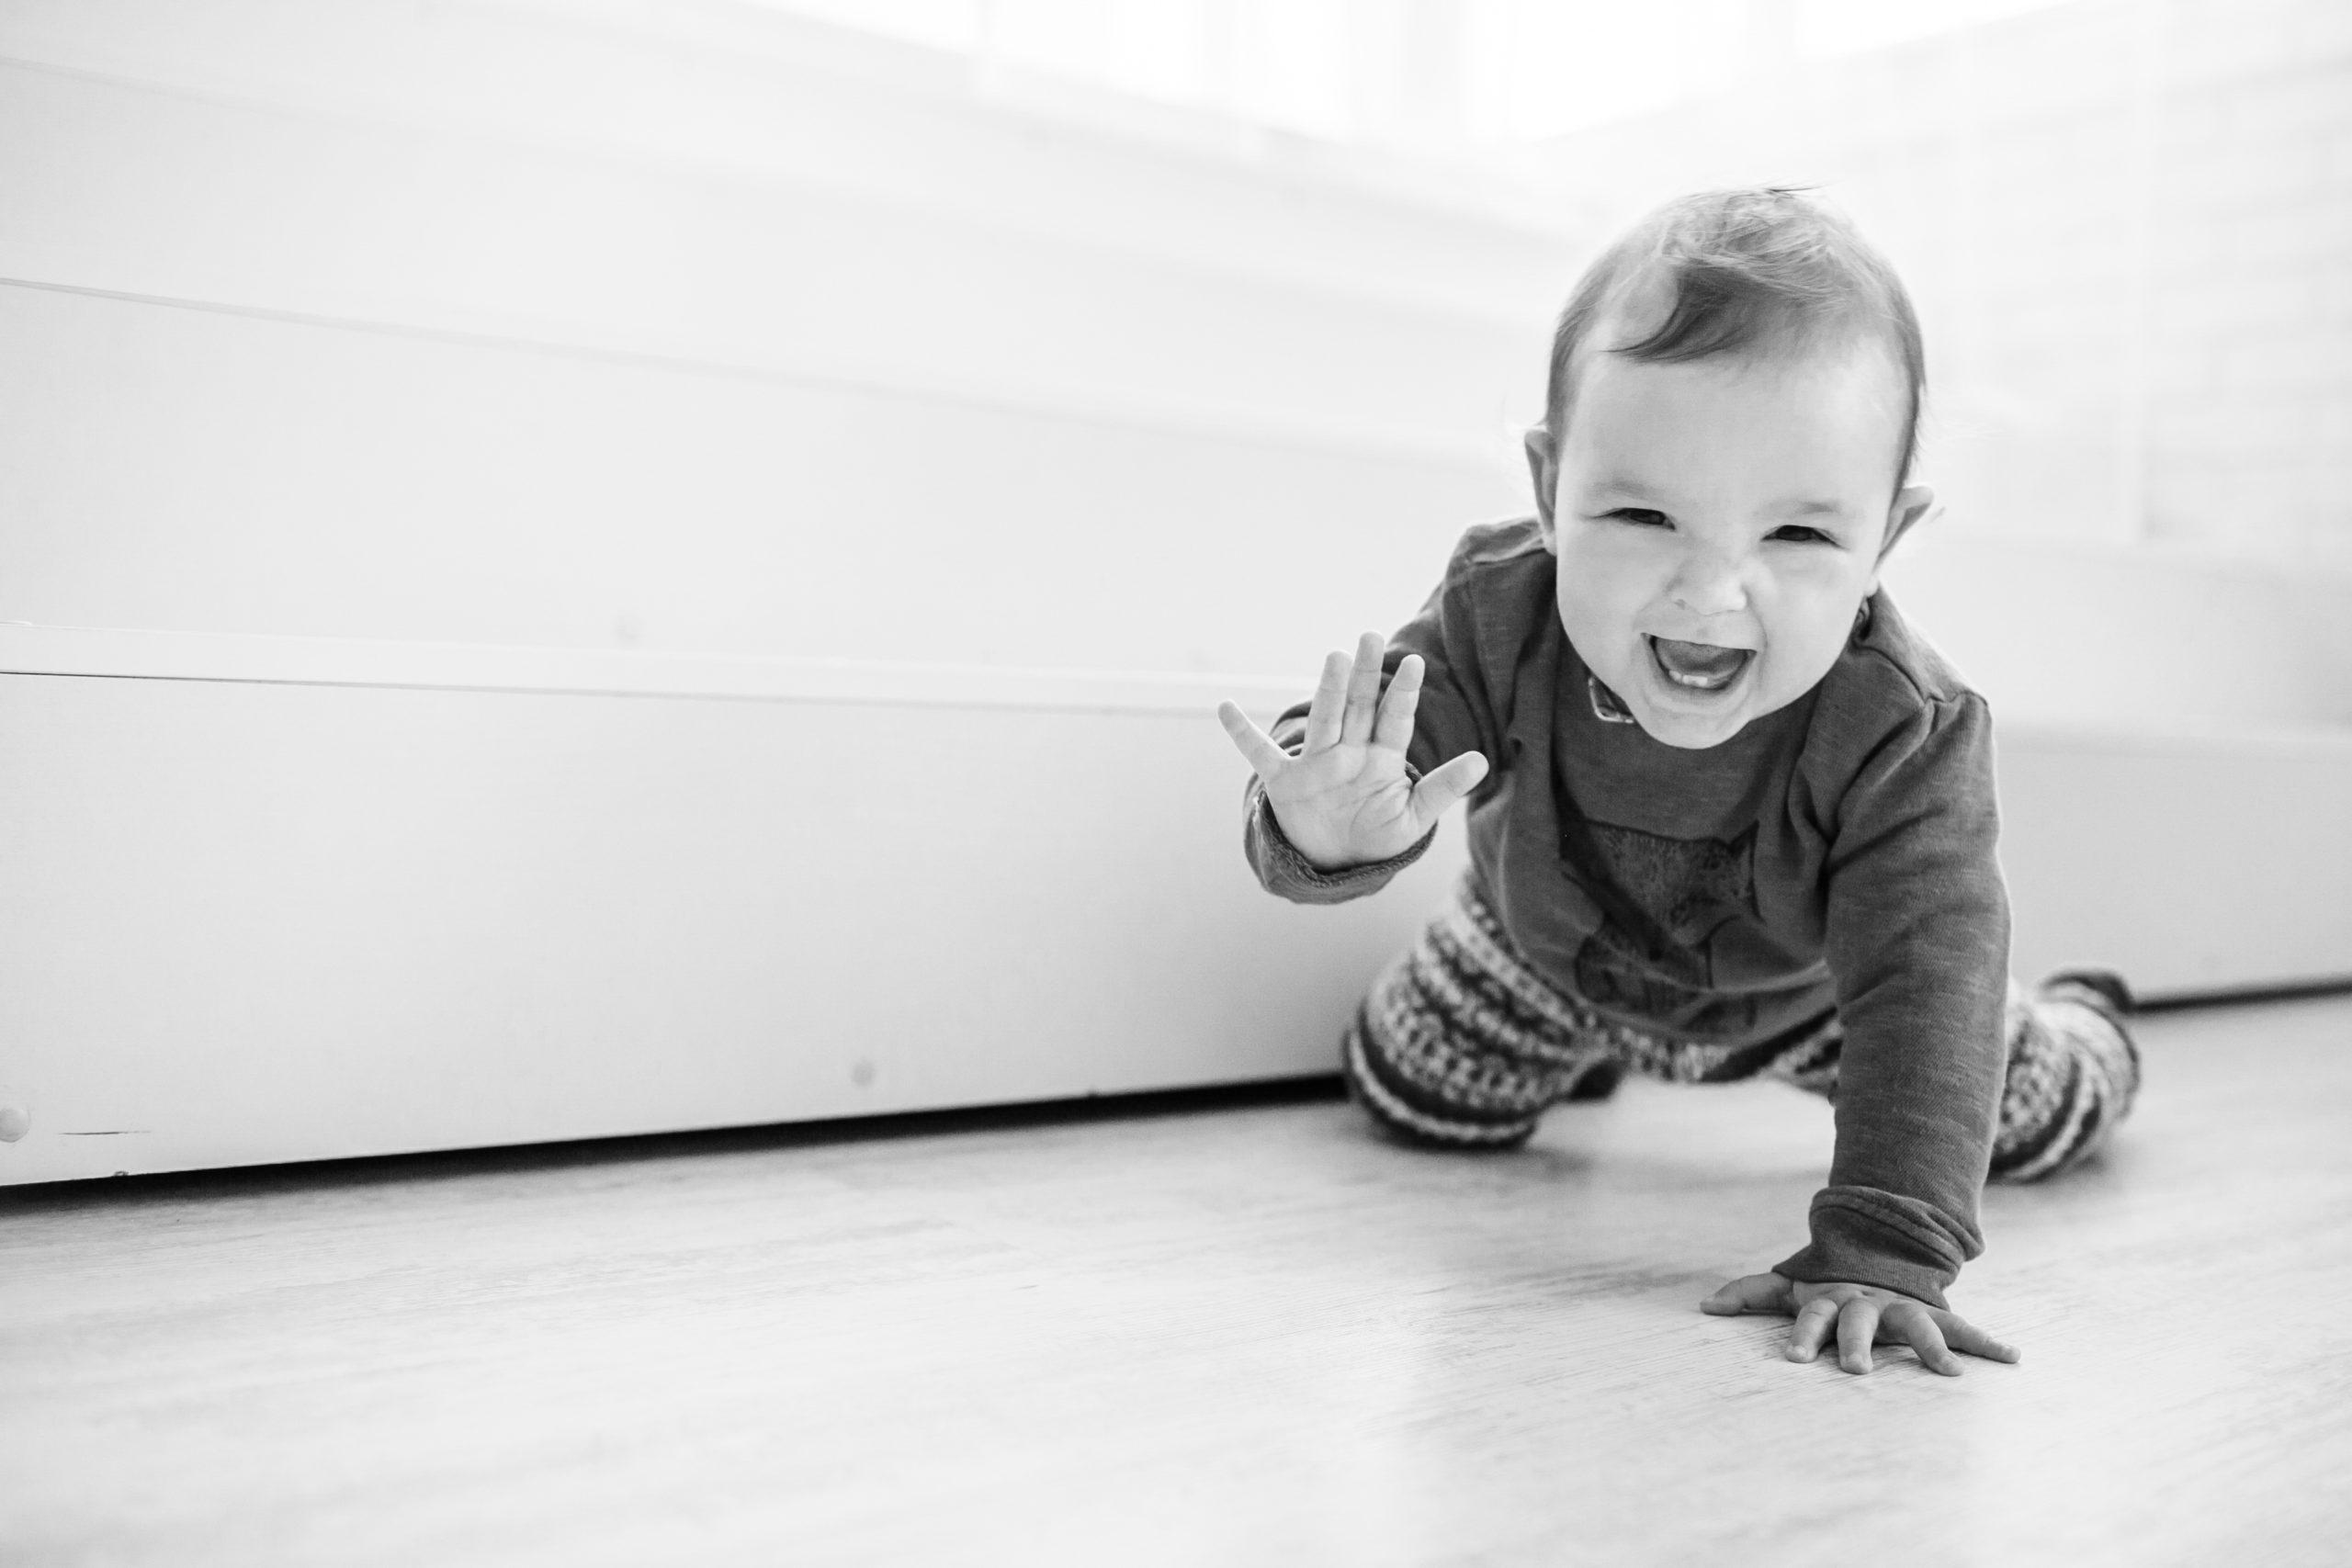 קביעותם של עצמים, הושטת יד ותנועה אצל תינוקות עם עיוורון